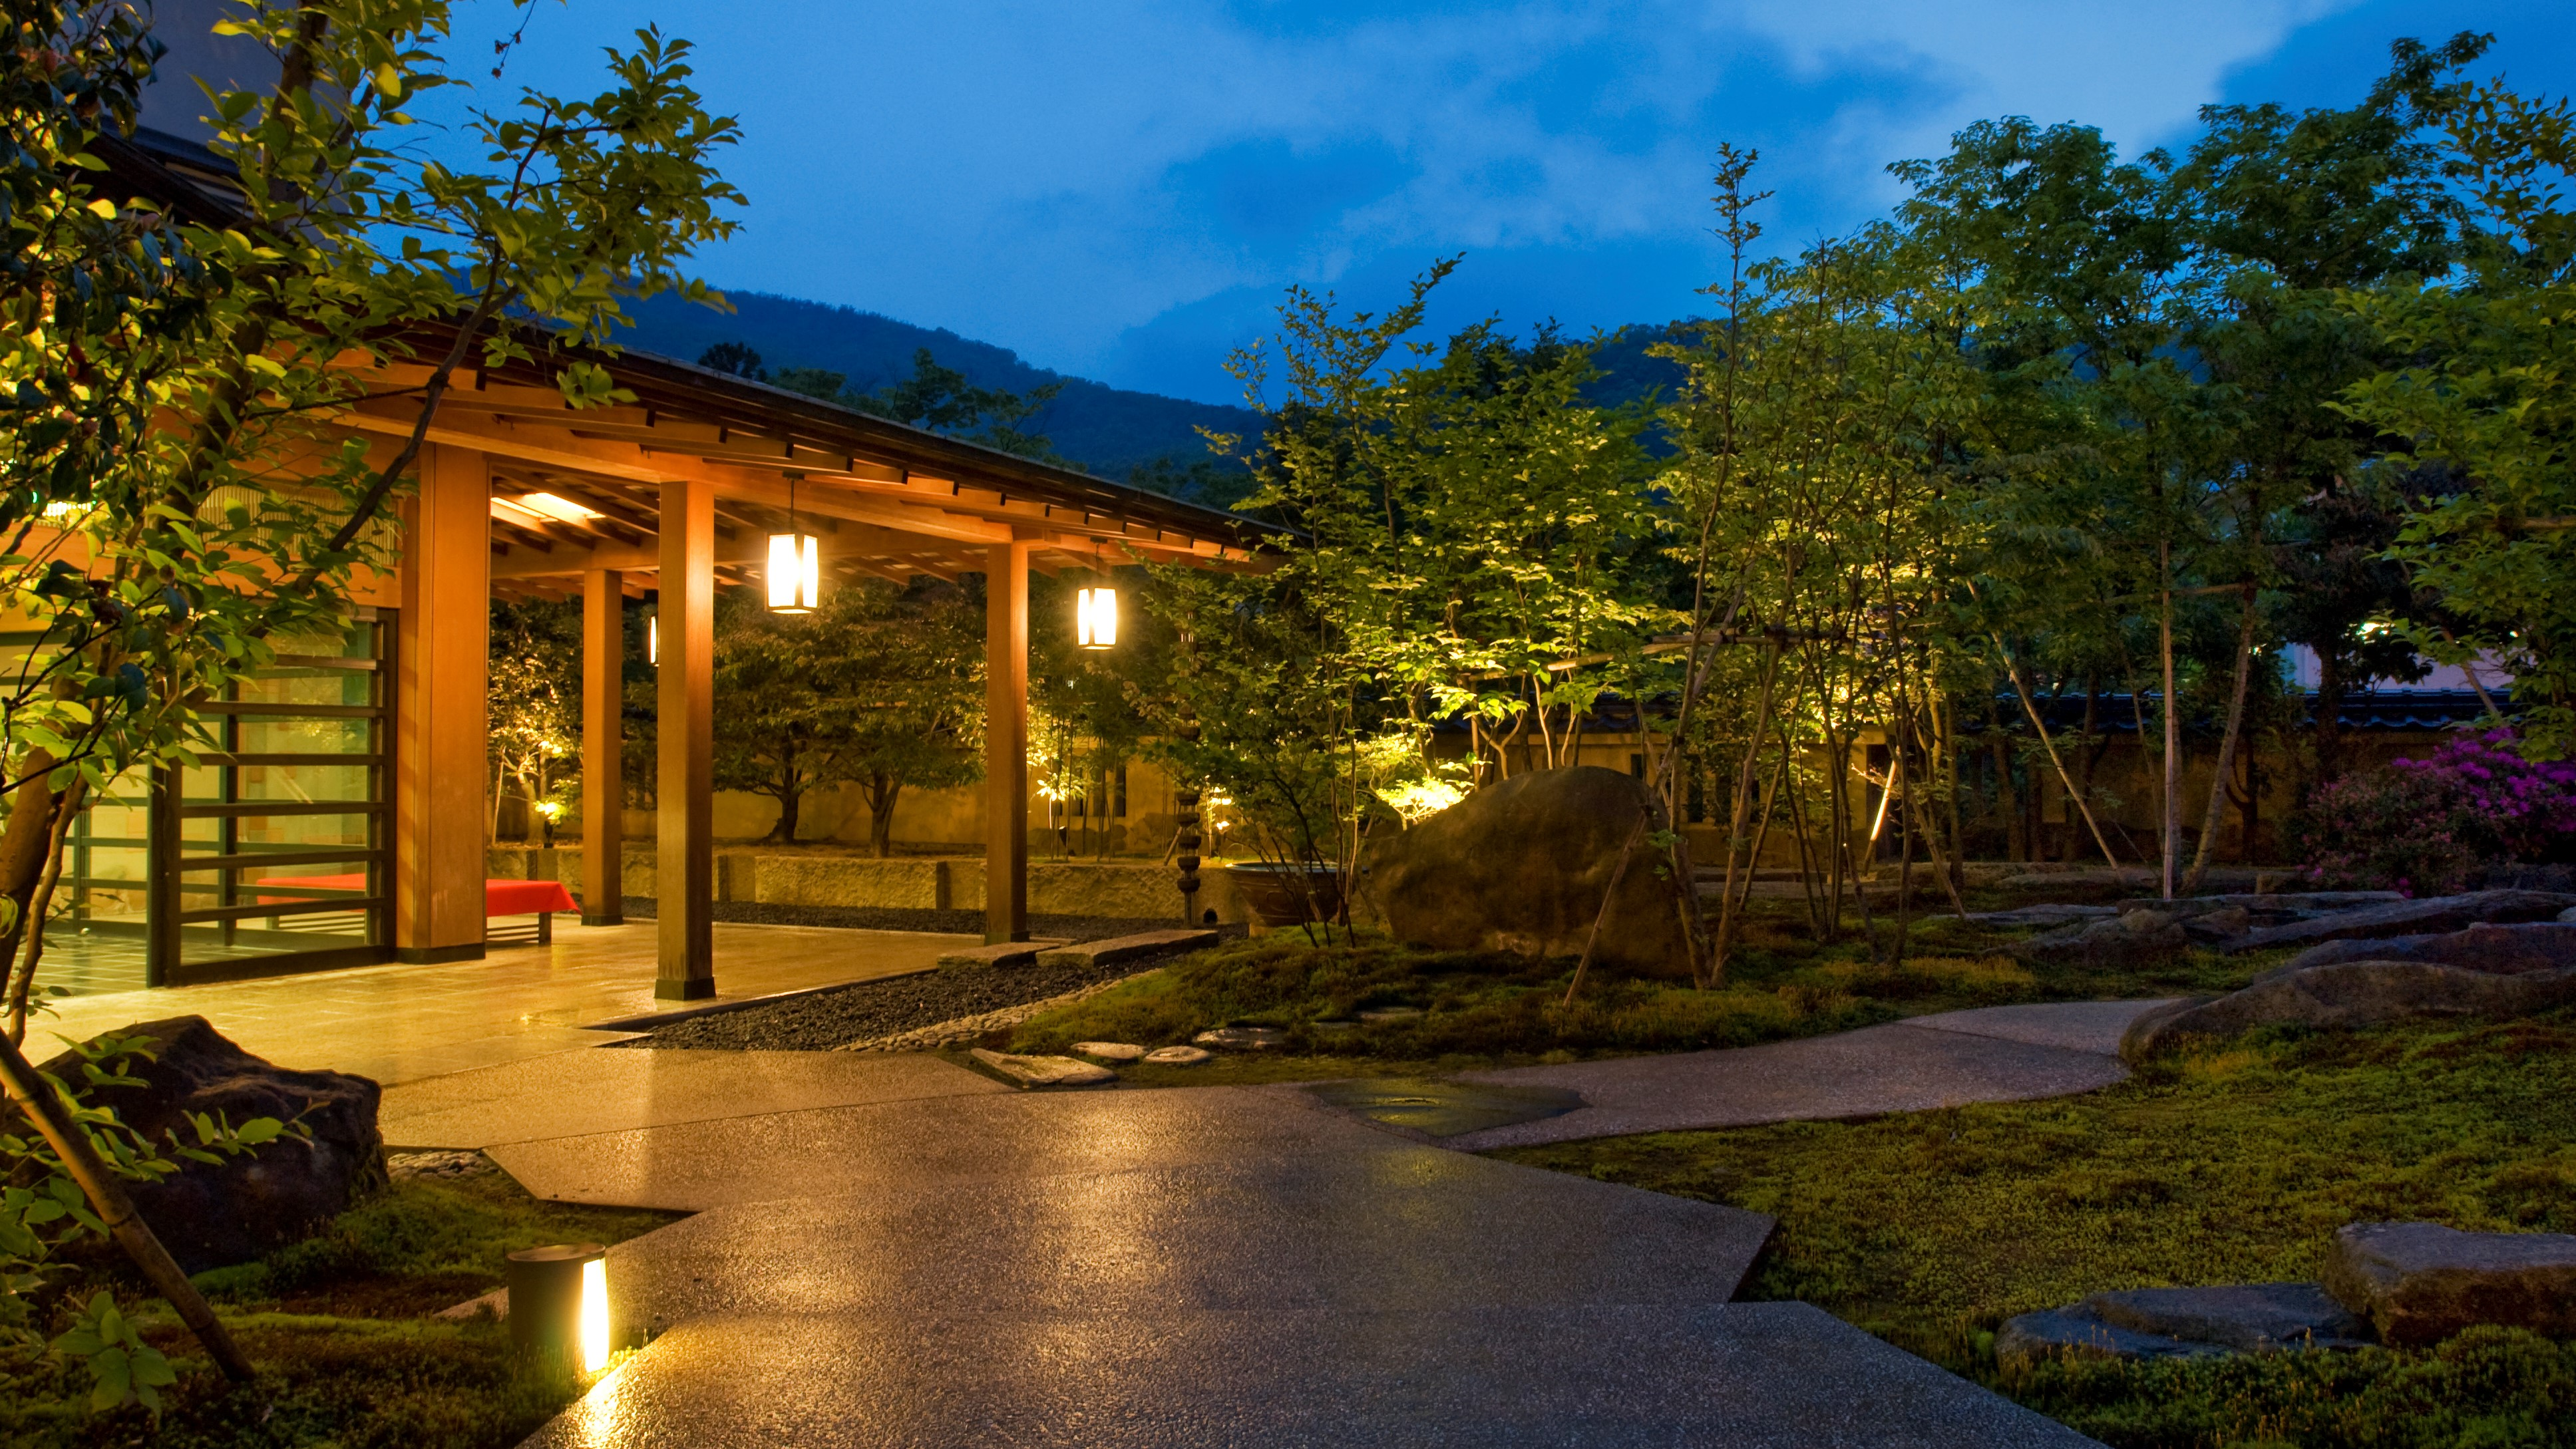 結婚記念日に夫婦で山中温泉の懐石料理が食べられる高級旅館に行くので、おすすめの旅館を教えて。